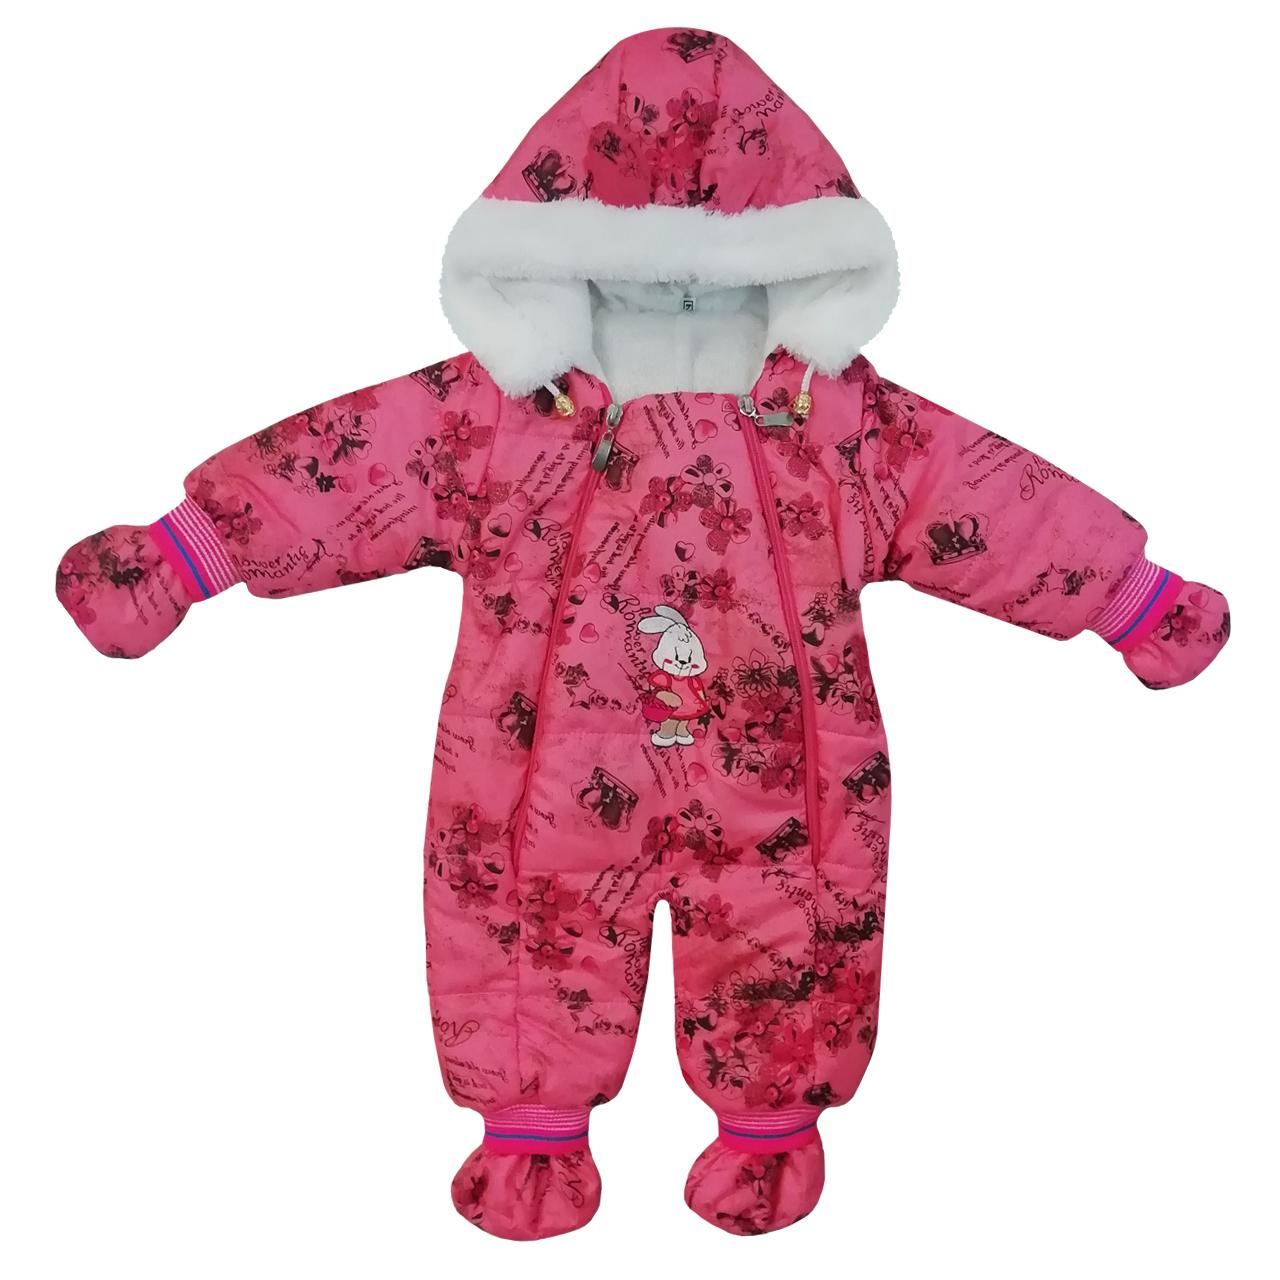 سرهمی نوزادی دخترانه کد 980905 رنگ صورتی